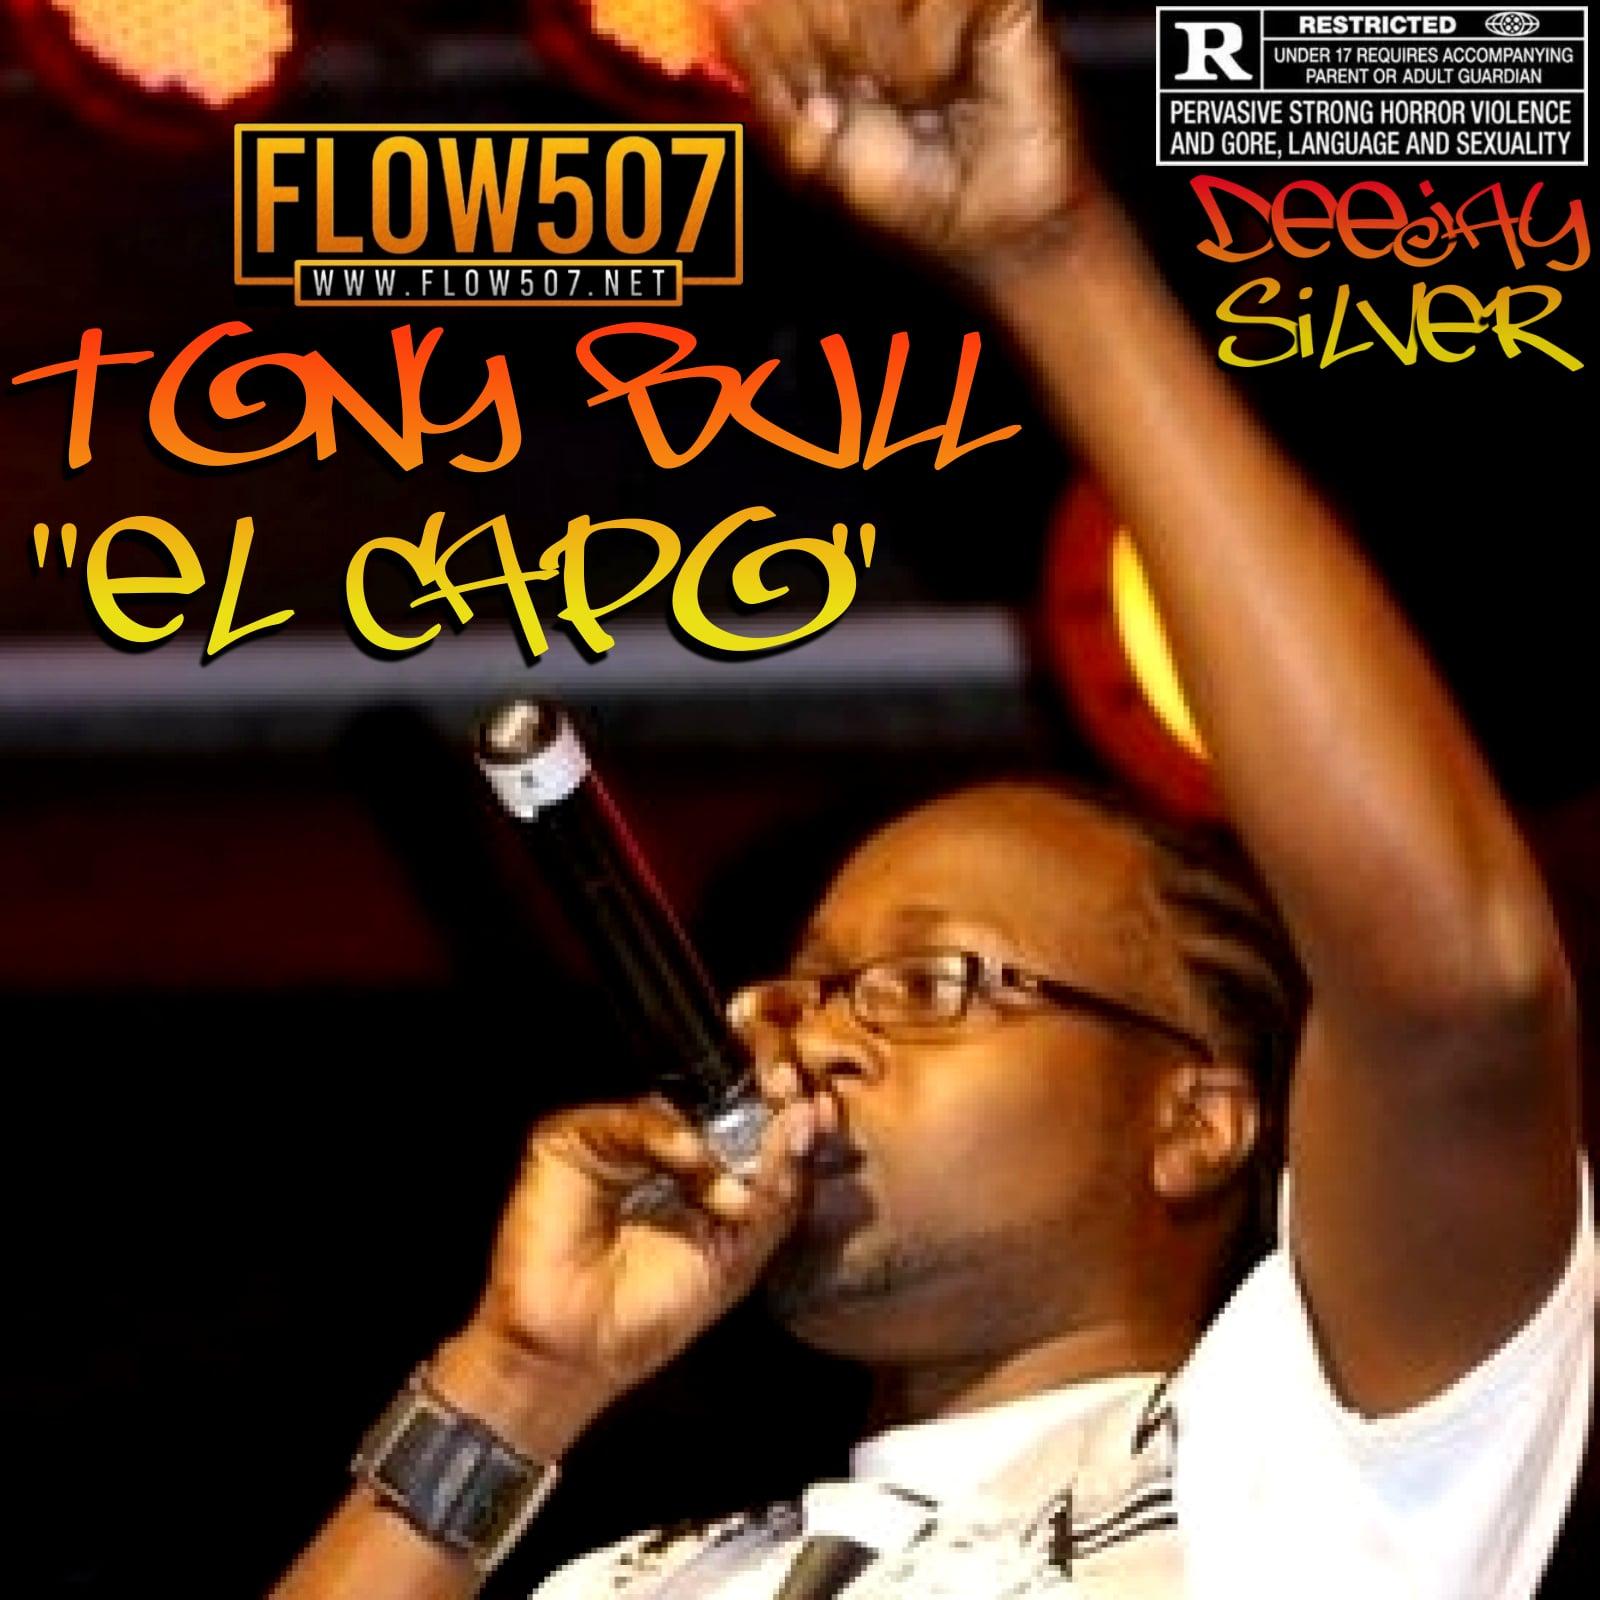 DEEJAY SILVER - ESPECIAL DE TONY BULL